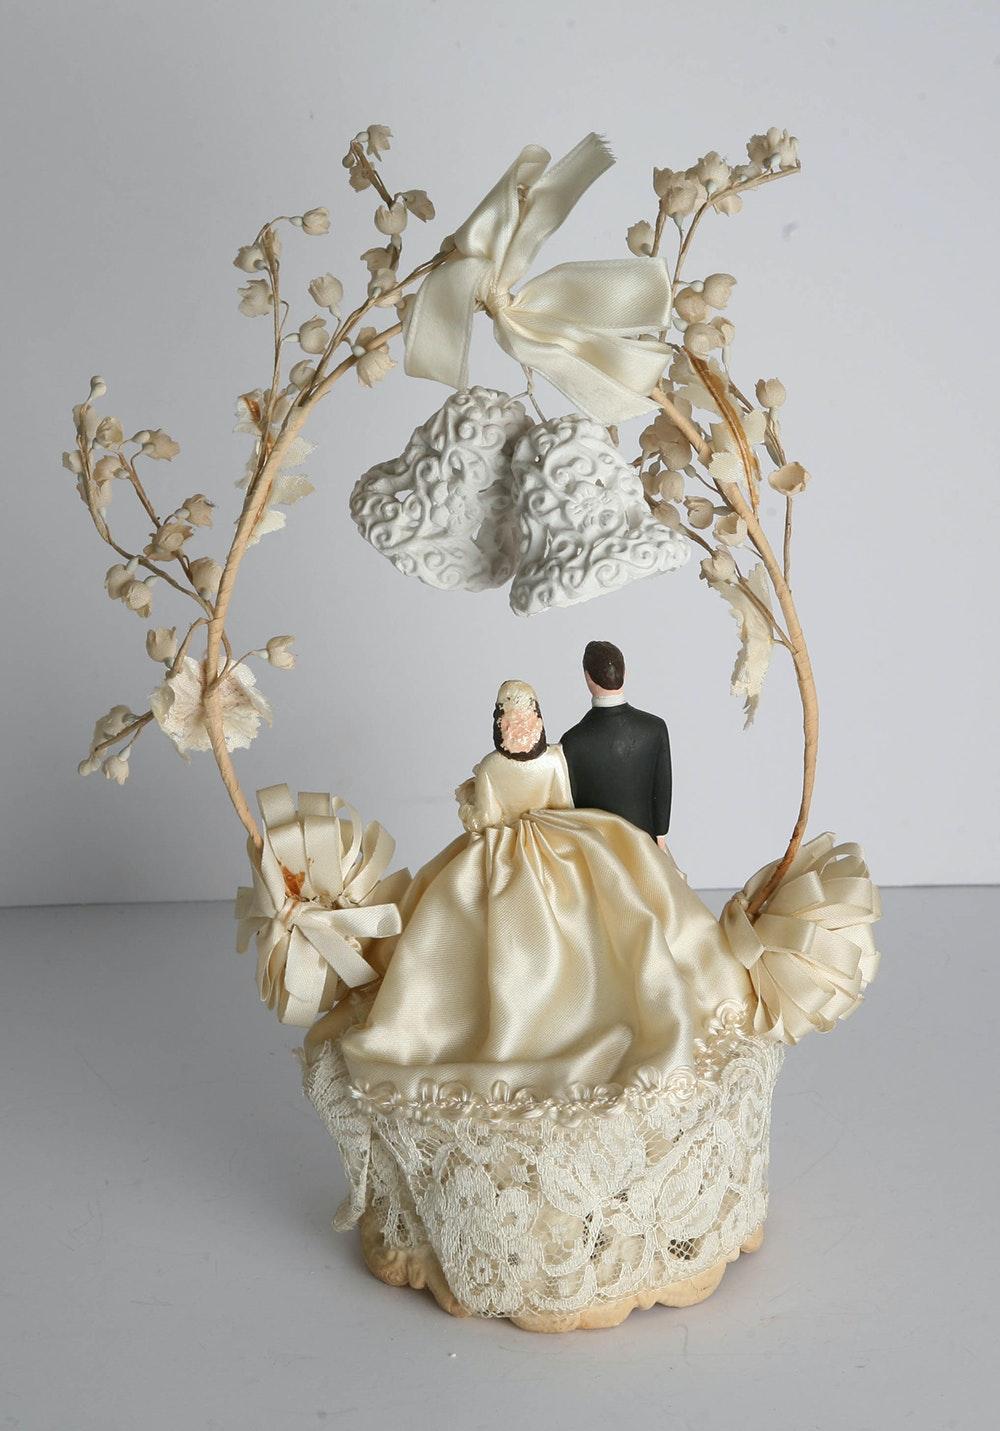 1950 39 s vintage bride and groom wedding cake topper ebth. Black Bedroom Furniture Sets. Home Design Ideas